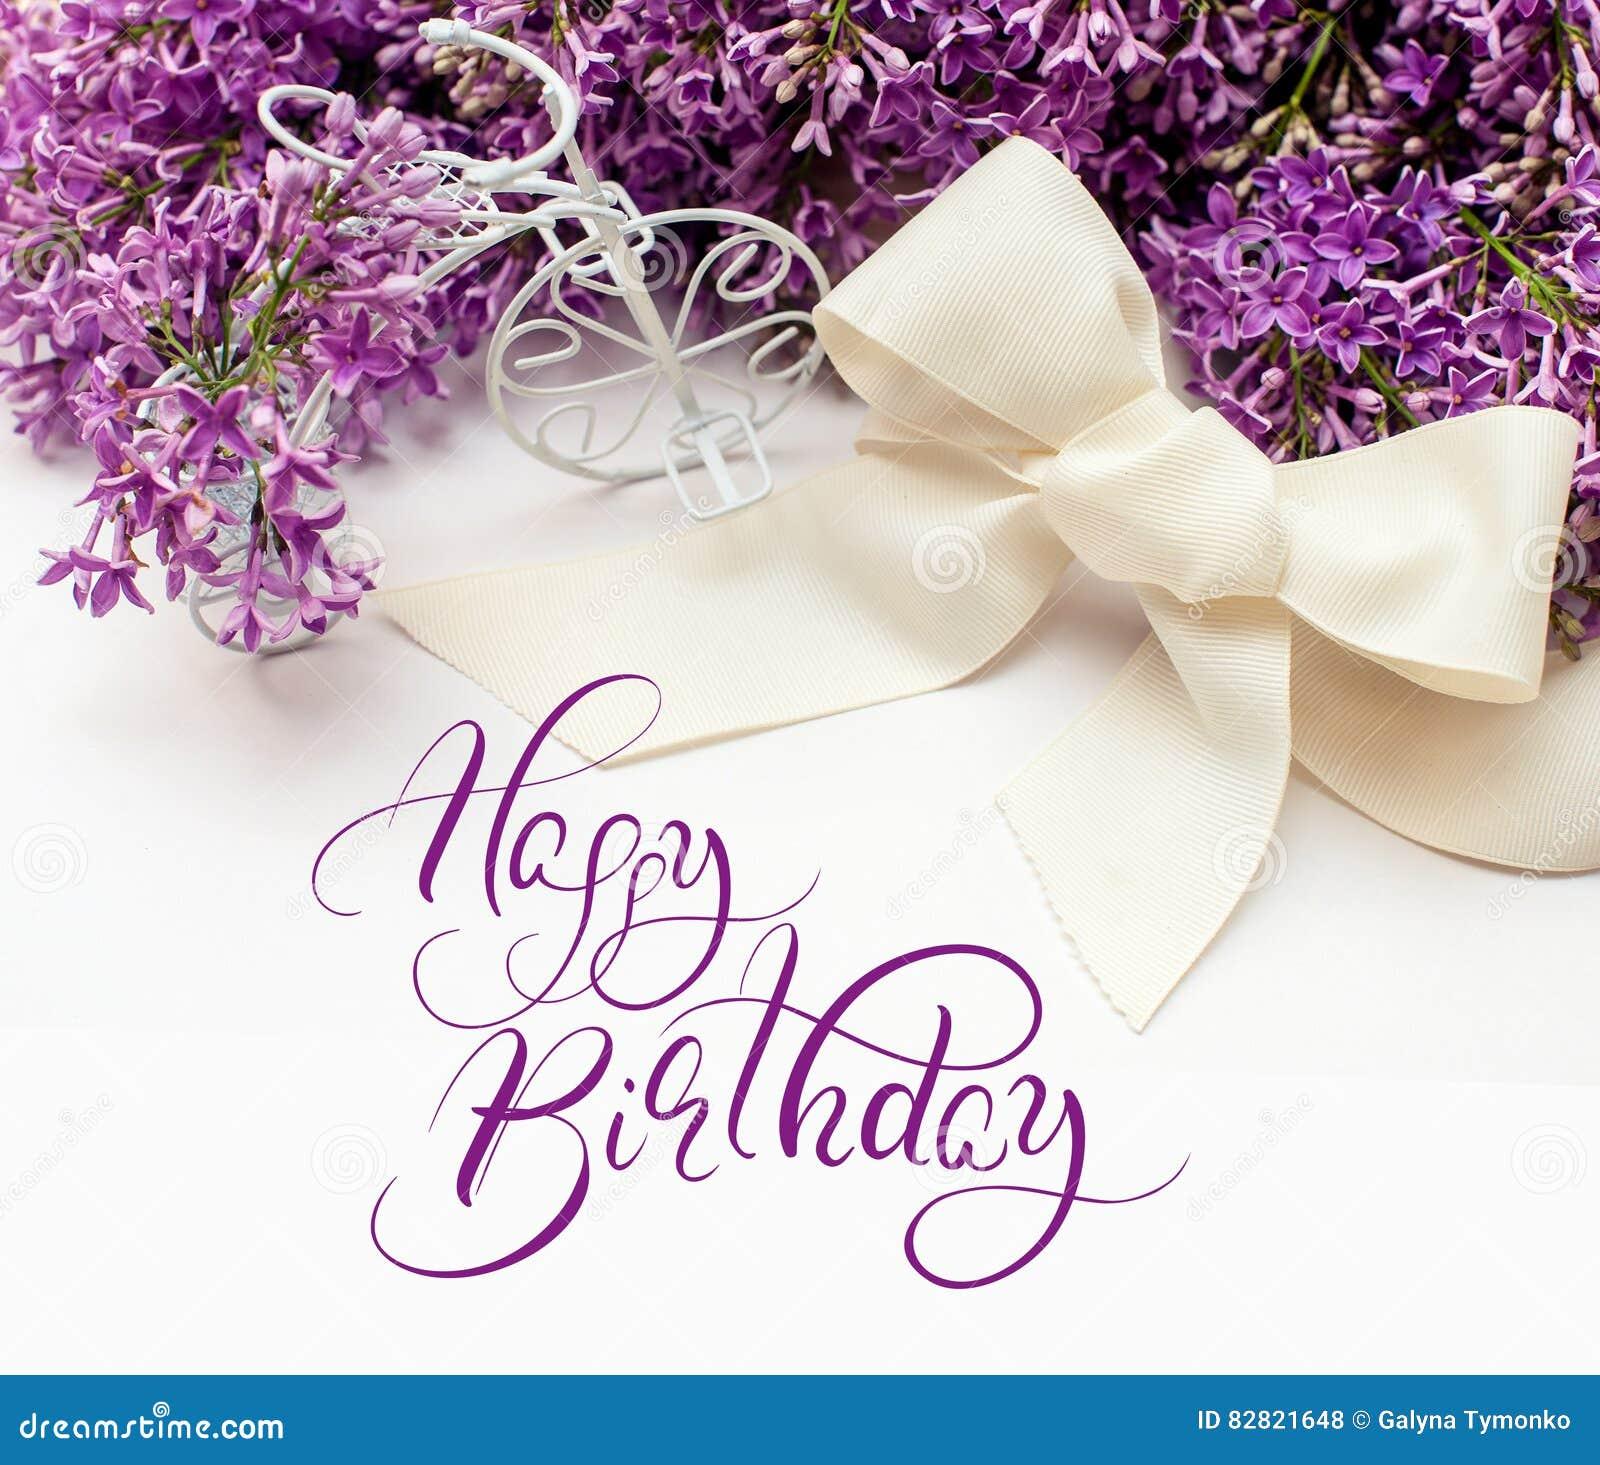 """Résultat de recherche d'images pour """"image gratuite de bon anniversaire avec lilas"""""""